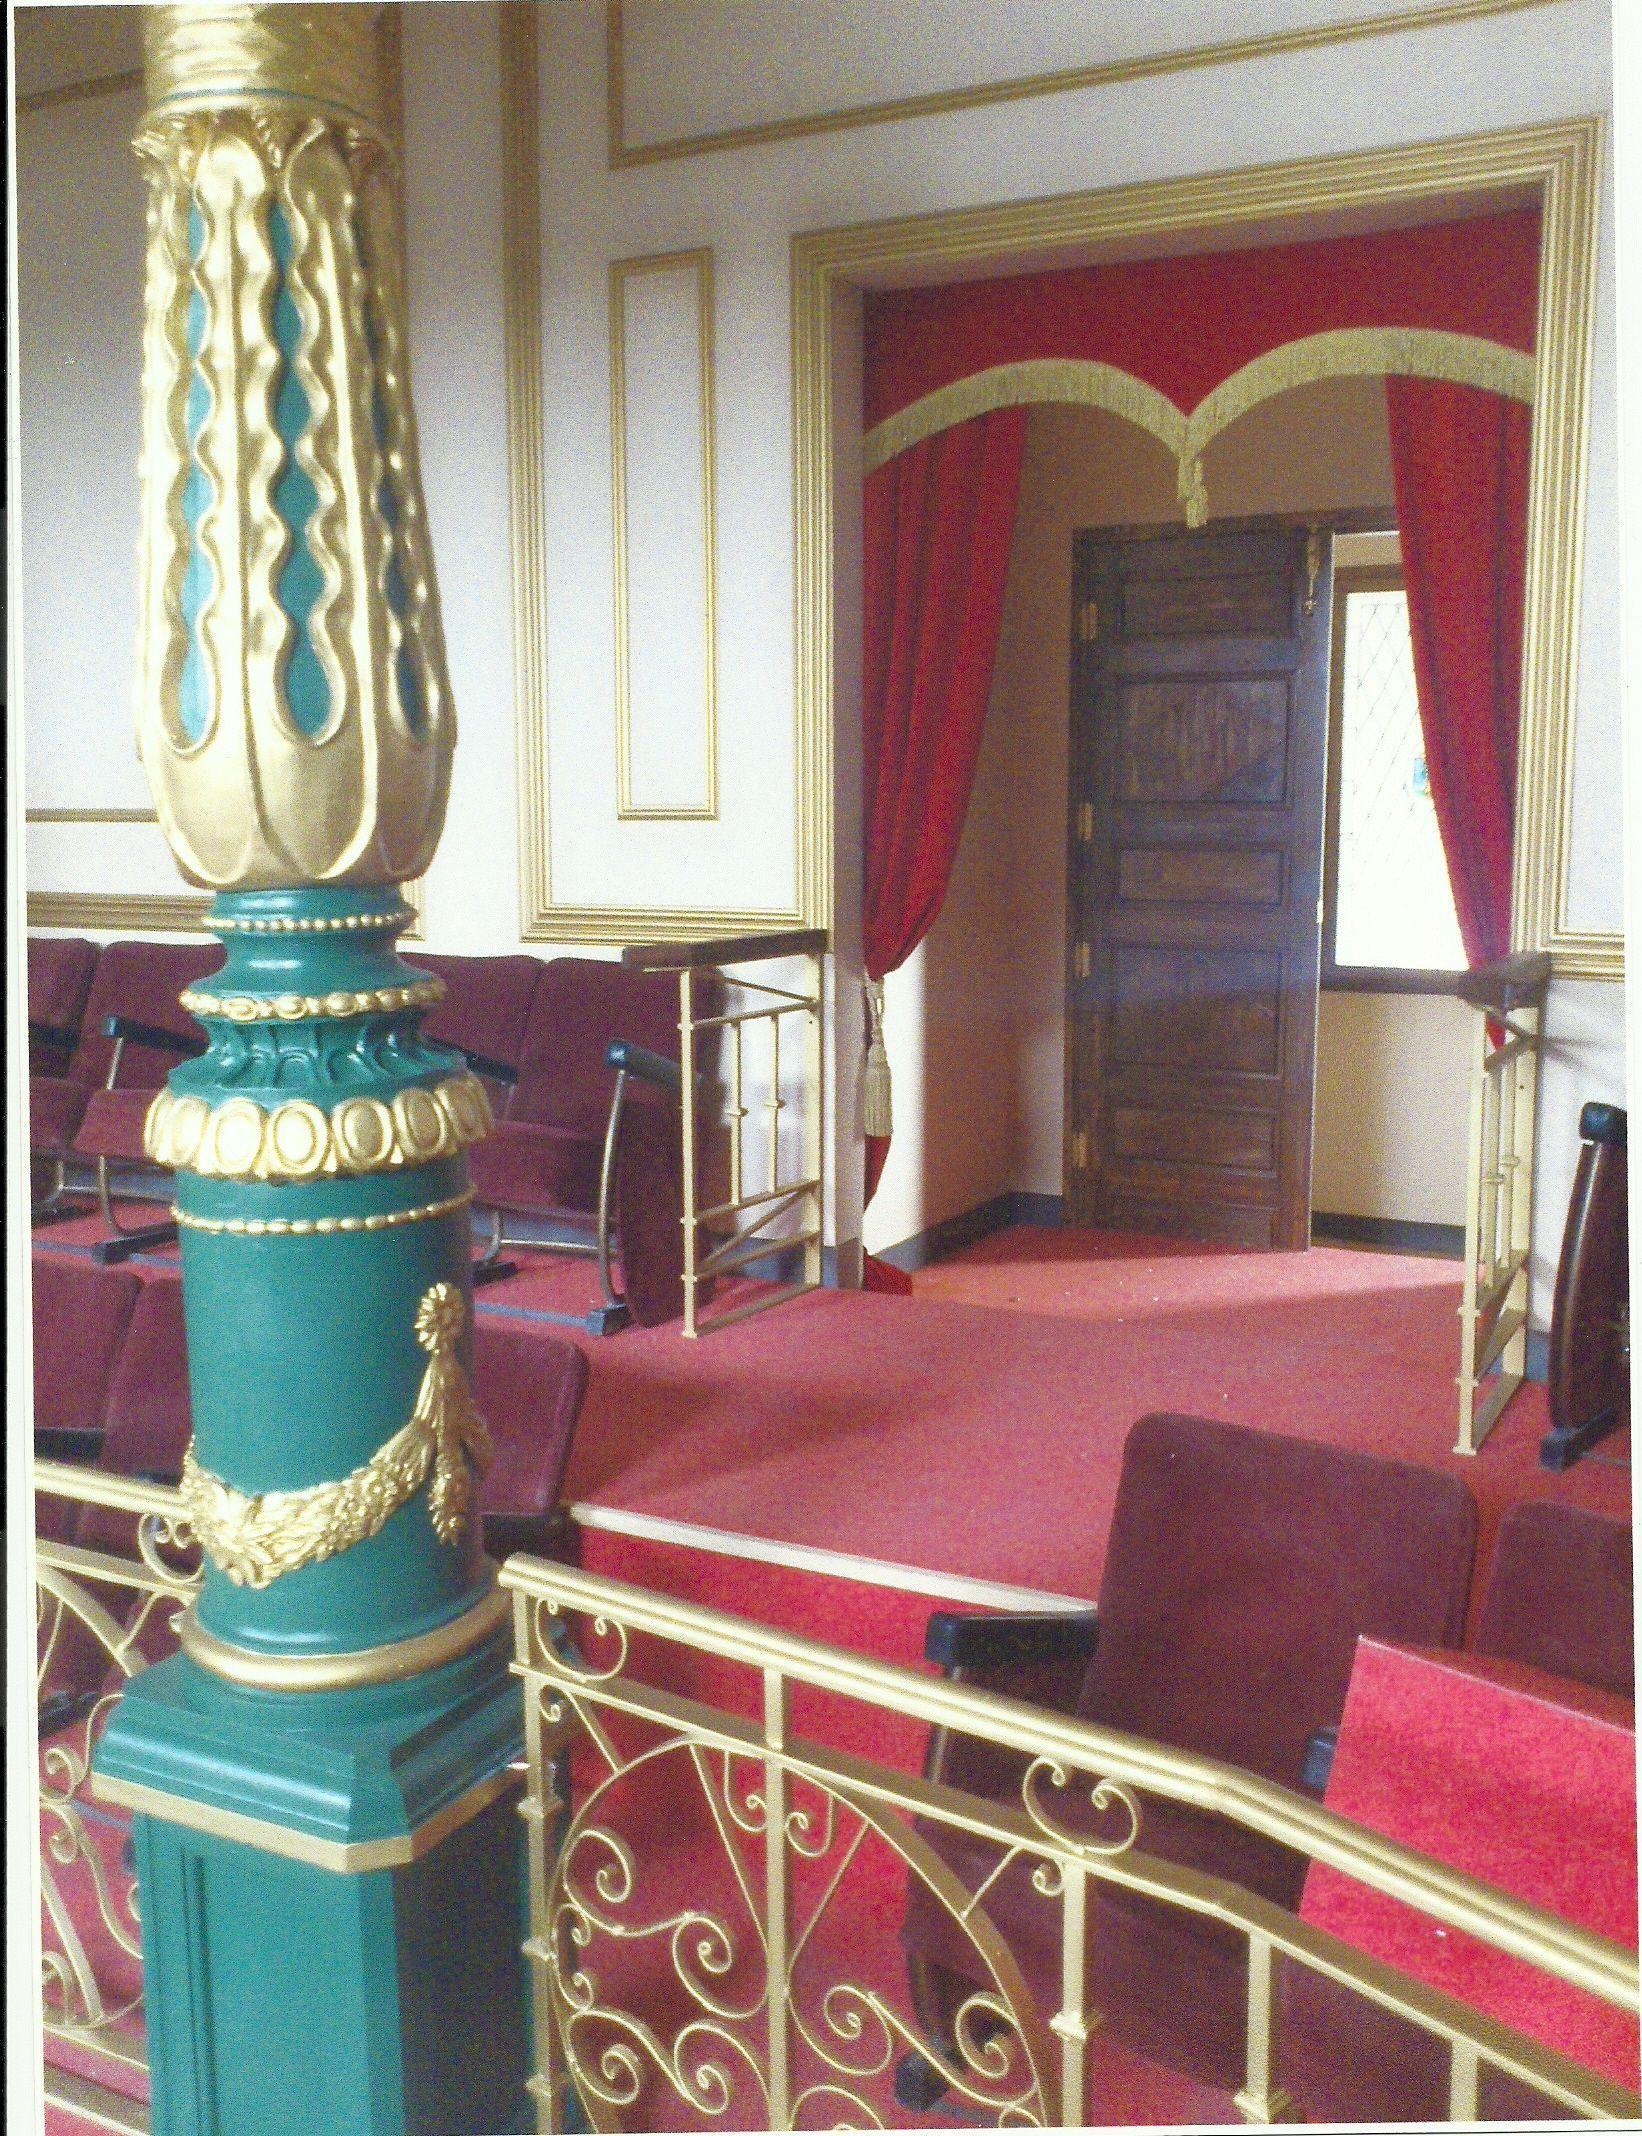 Muebles de escayola en el centro de madrid de excelente calidad - Centro reto madrid recogida muebles ...